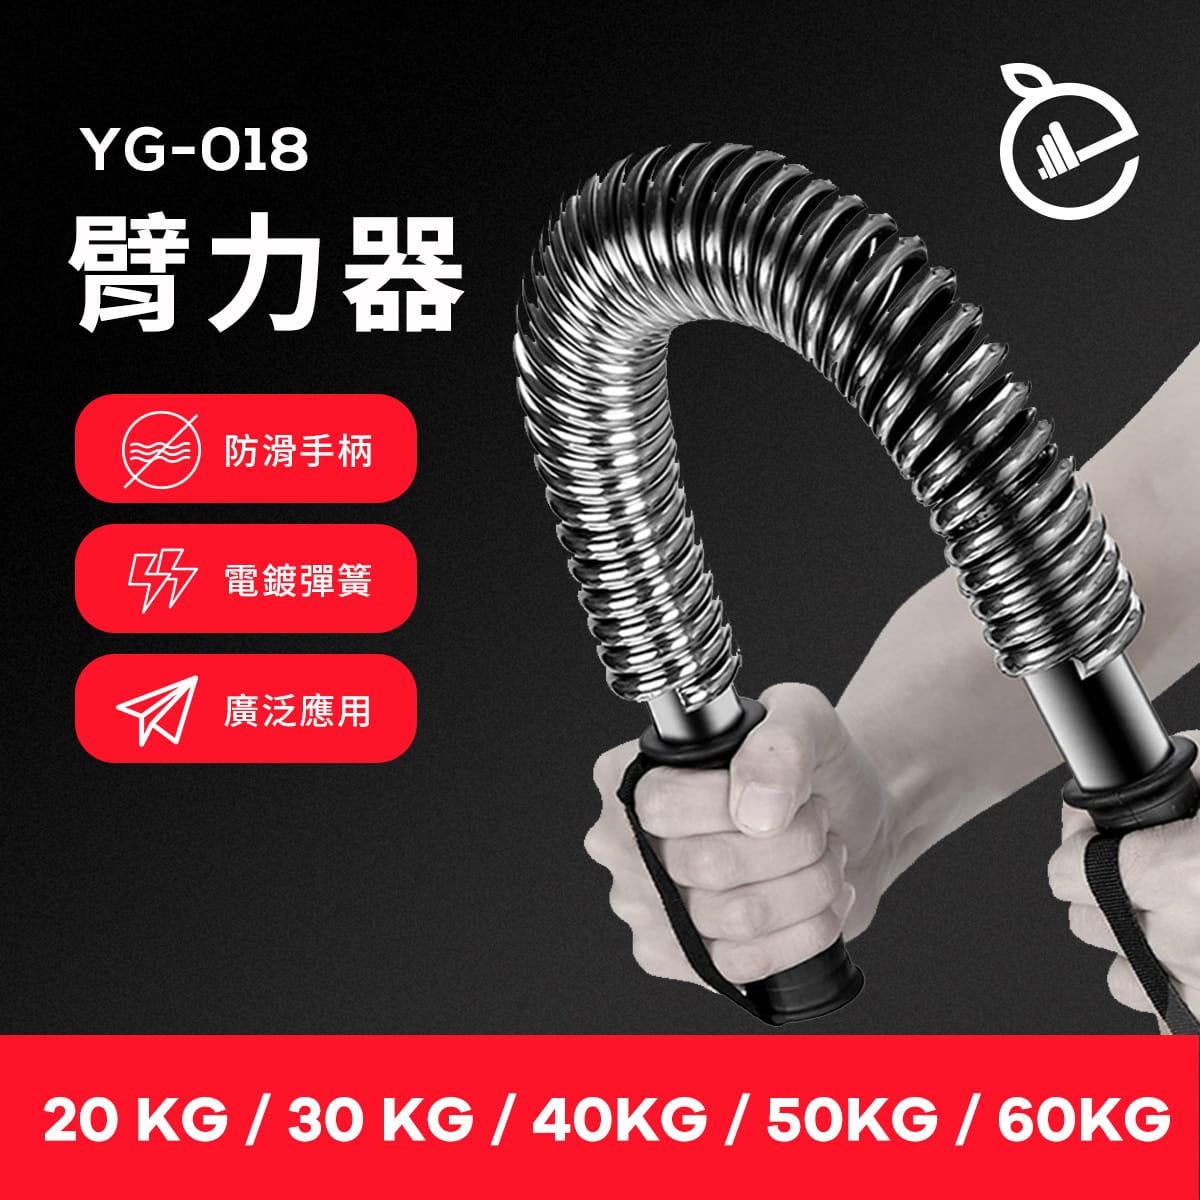 60公斤臂力器◆雙簧 臂力棒 彈簧棒 握力 腹肌 二頭肌 胸肌 伏地挺身 健肌器 重訓 健身舉重